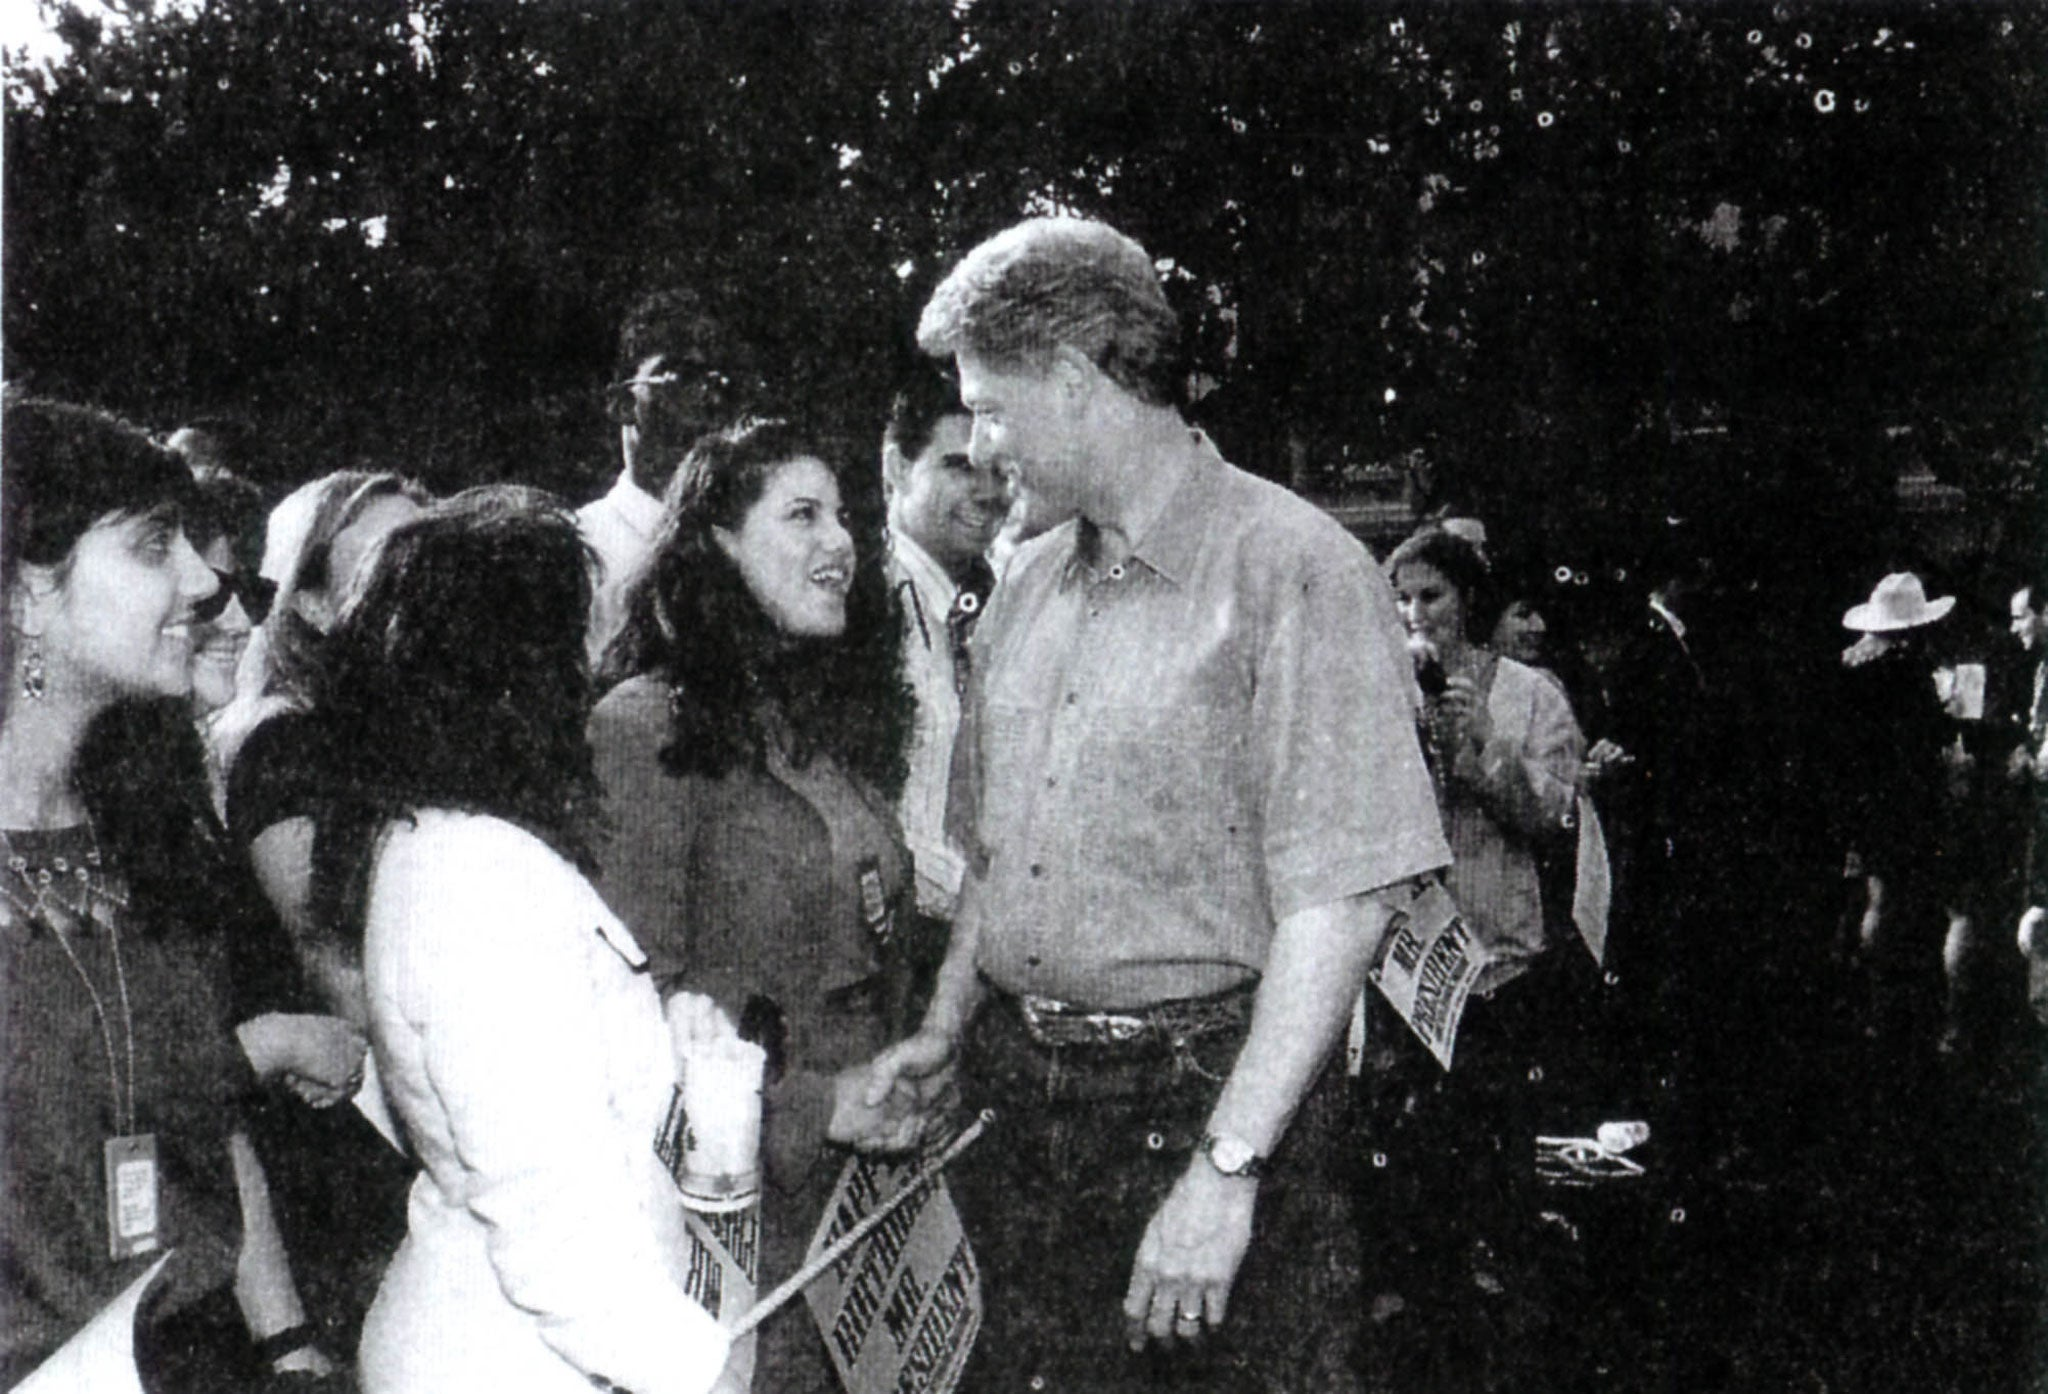 Monica Lewinsky Breaks Decade Of Silence Over Affair With